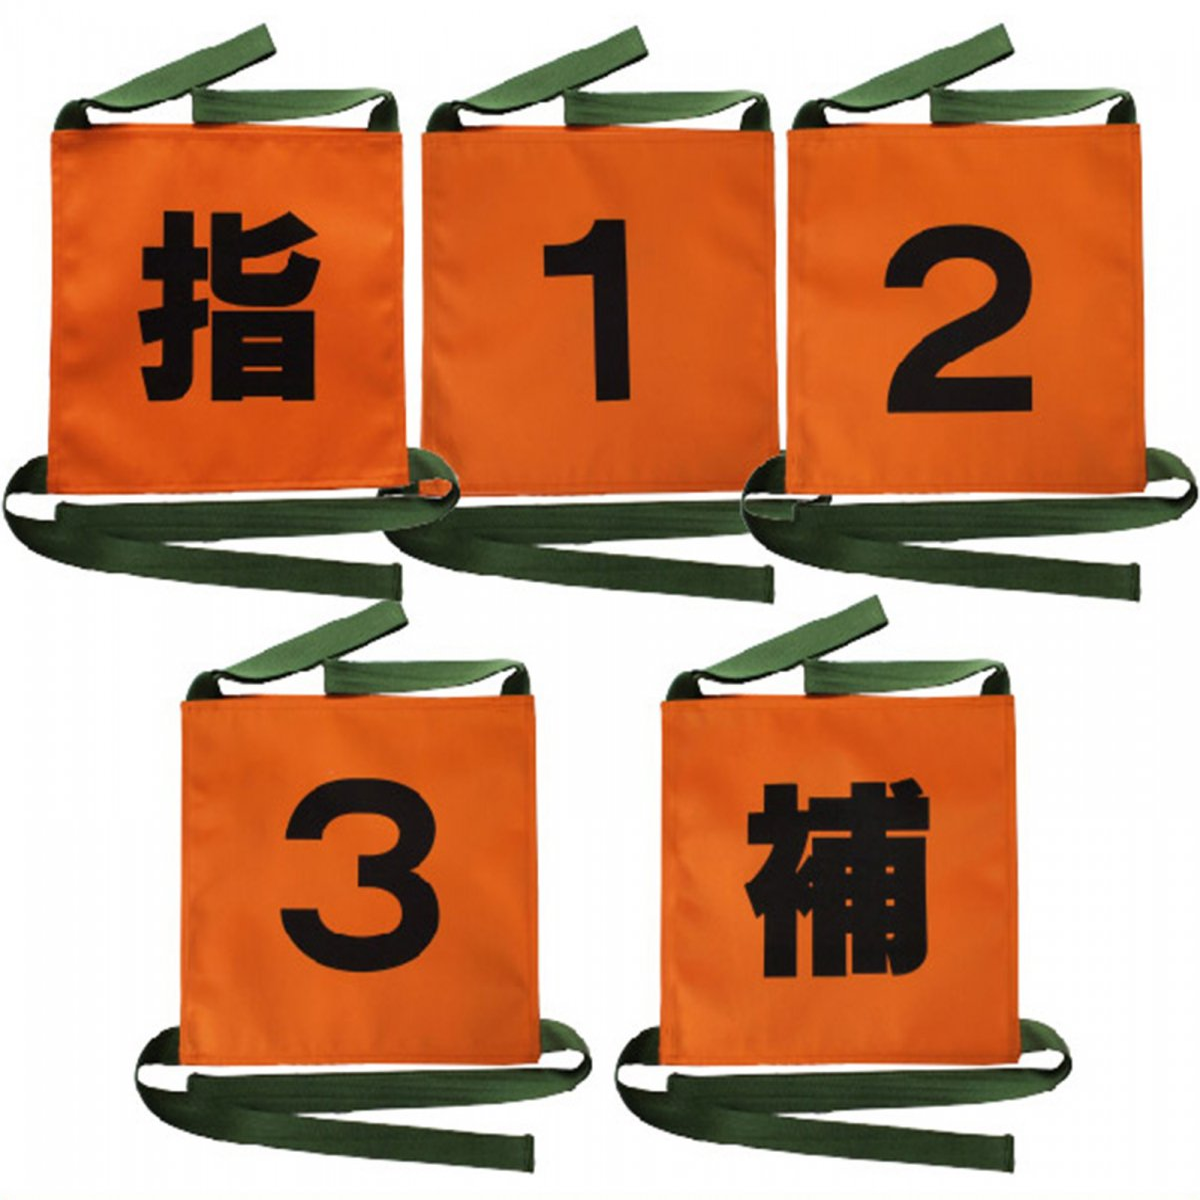 操法用ゼッケン 小型ポンプ車5枚セット オレンジ【指・1・2・3・補】